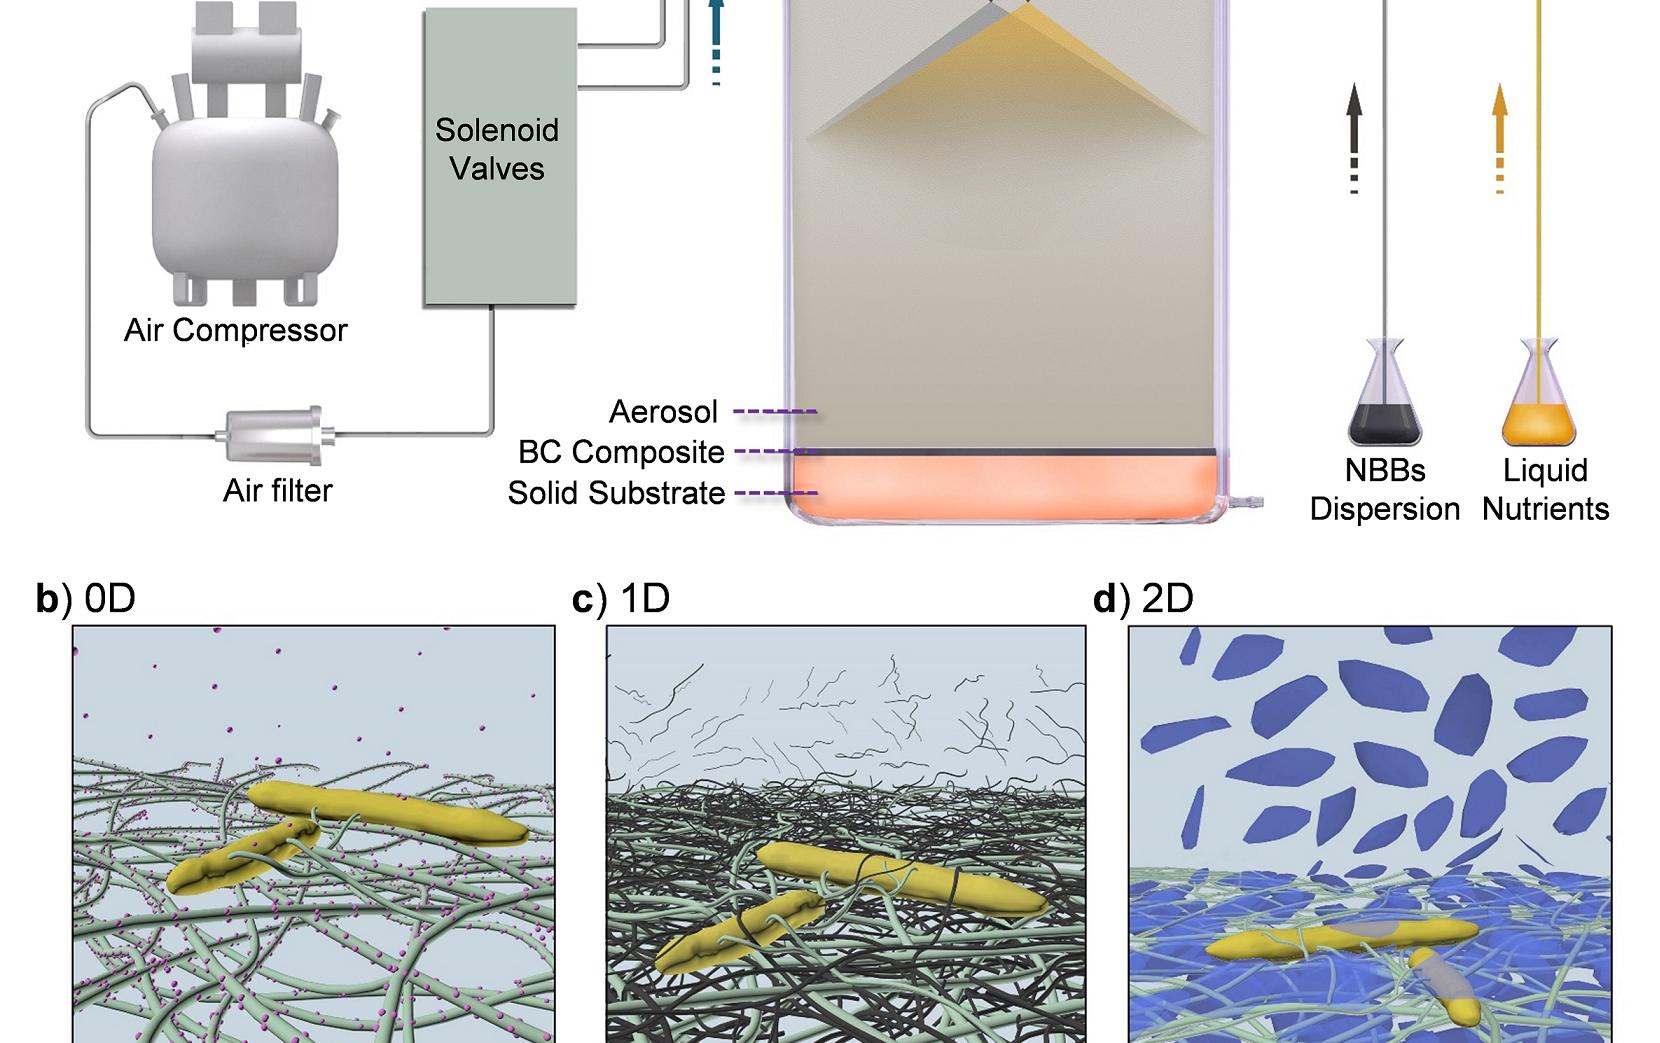 中科大俞书宏团队:生物合成宏观尺度功能纳米复合材料!